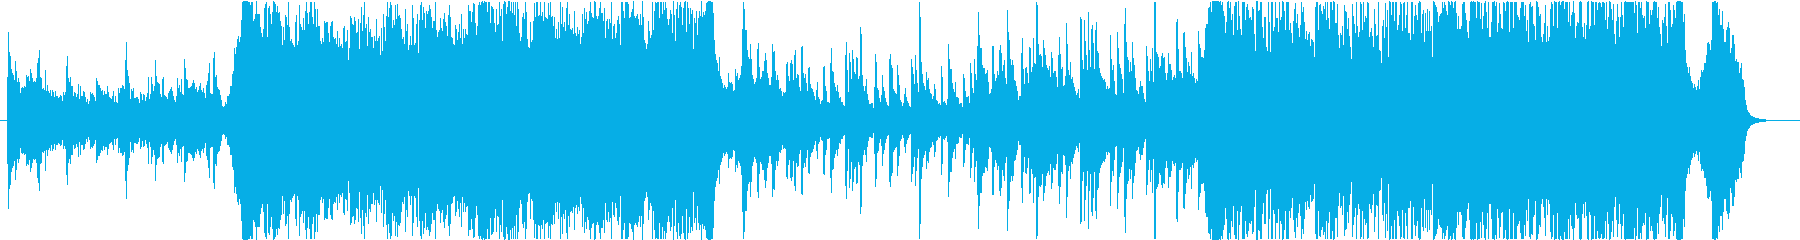 このエネルギッシュな映画のサウンドトラッの再生済みの波形